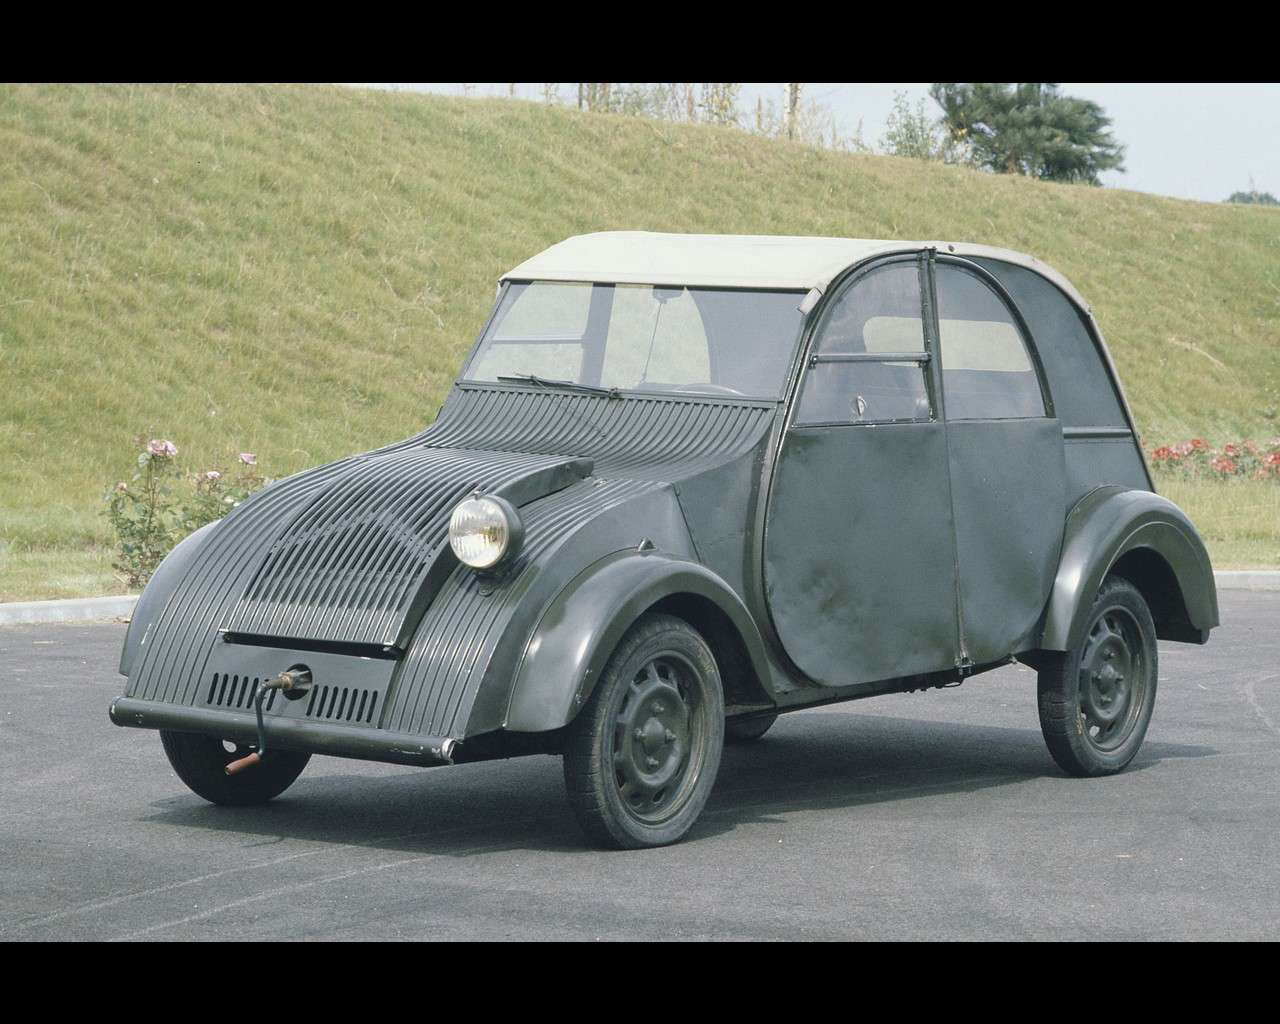 belles photos de Citroën 2 cv... juste pour le plaisir de rêver Citroe11